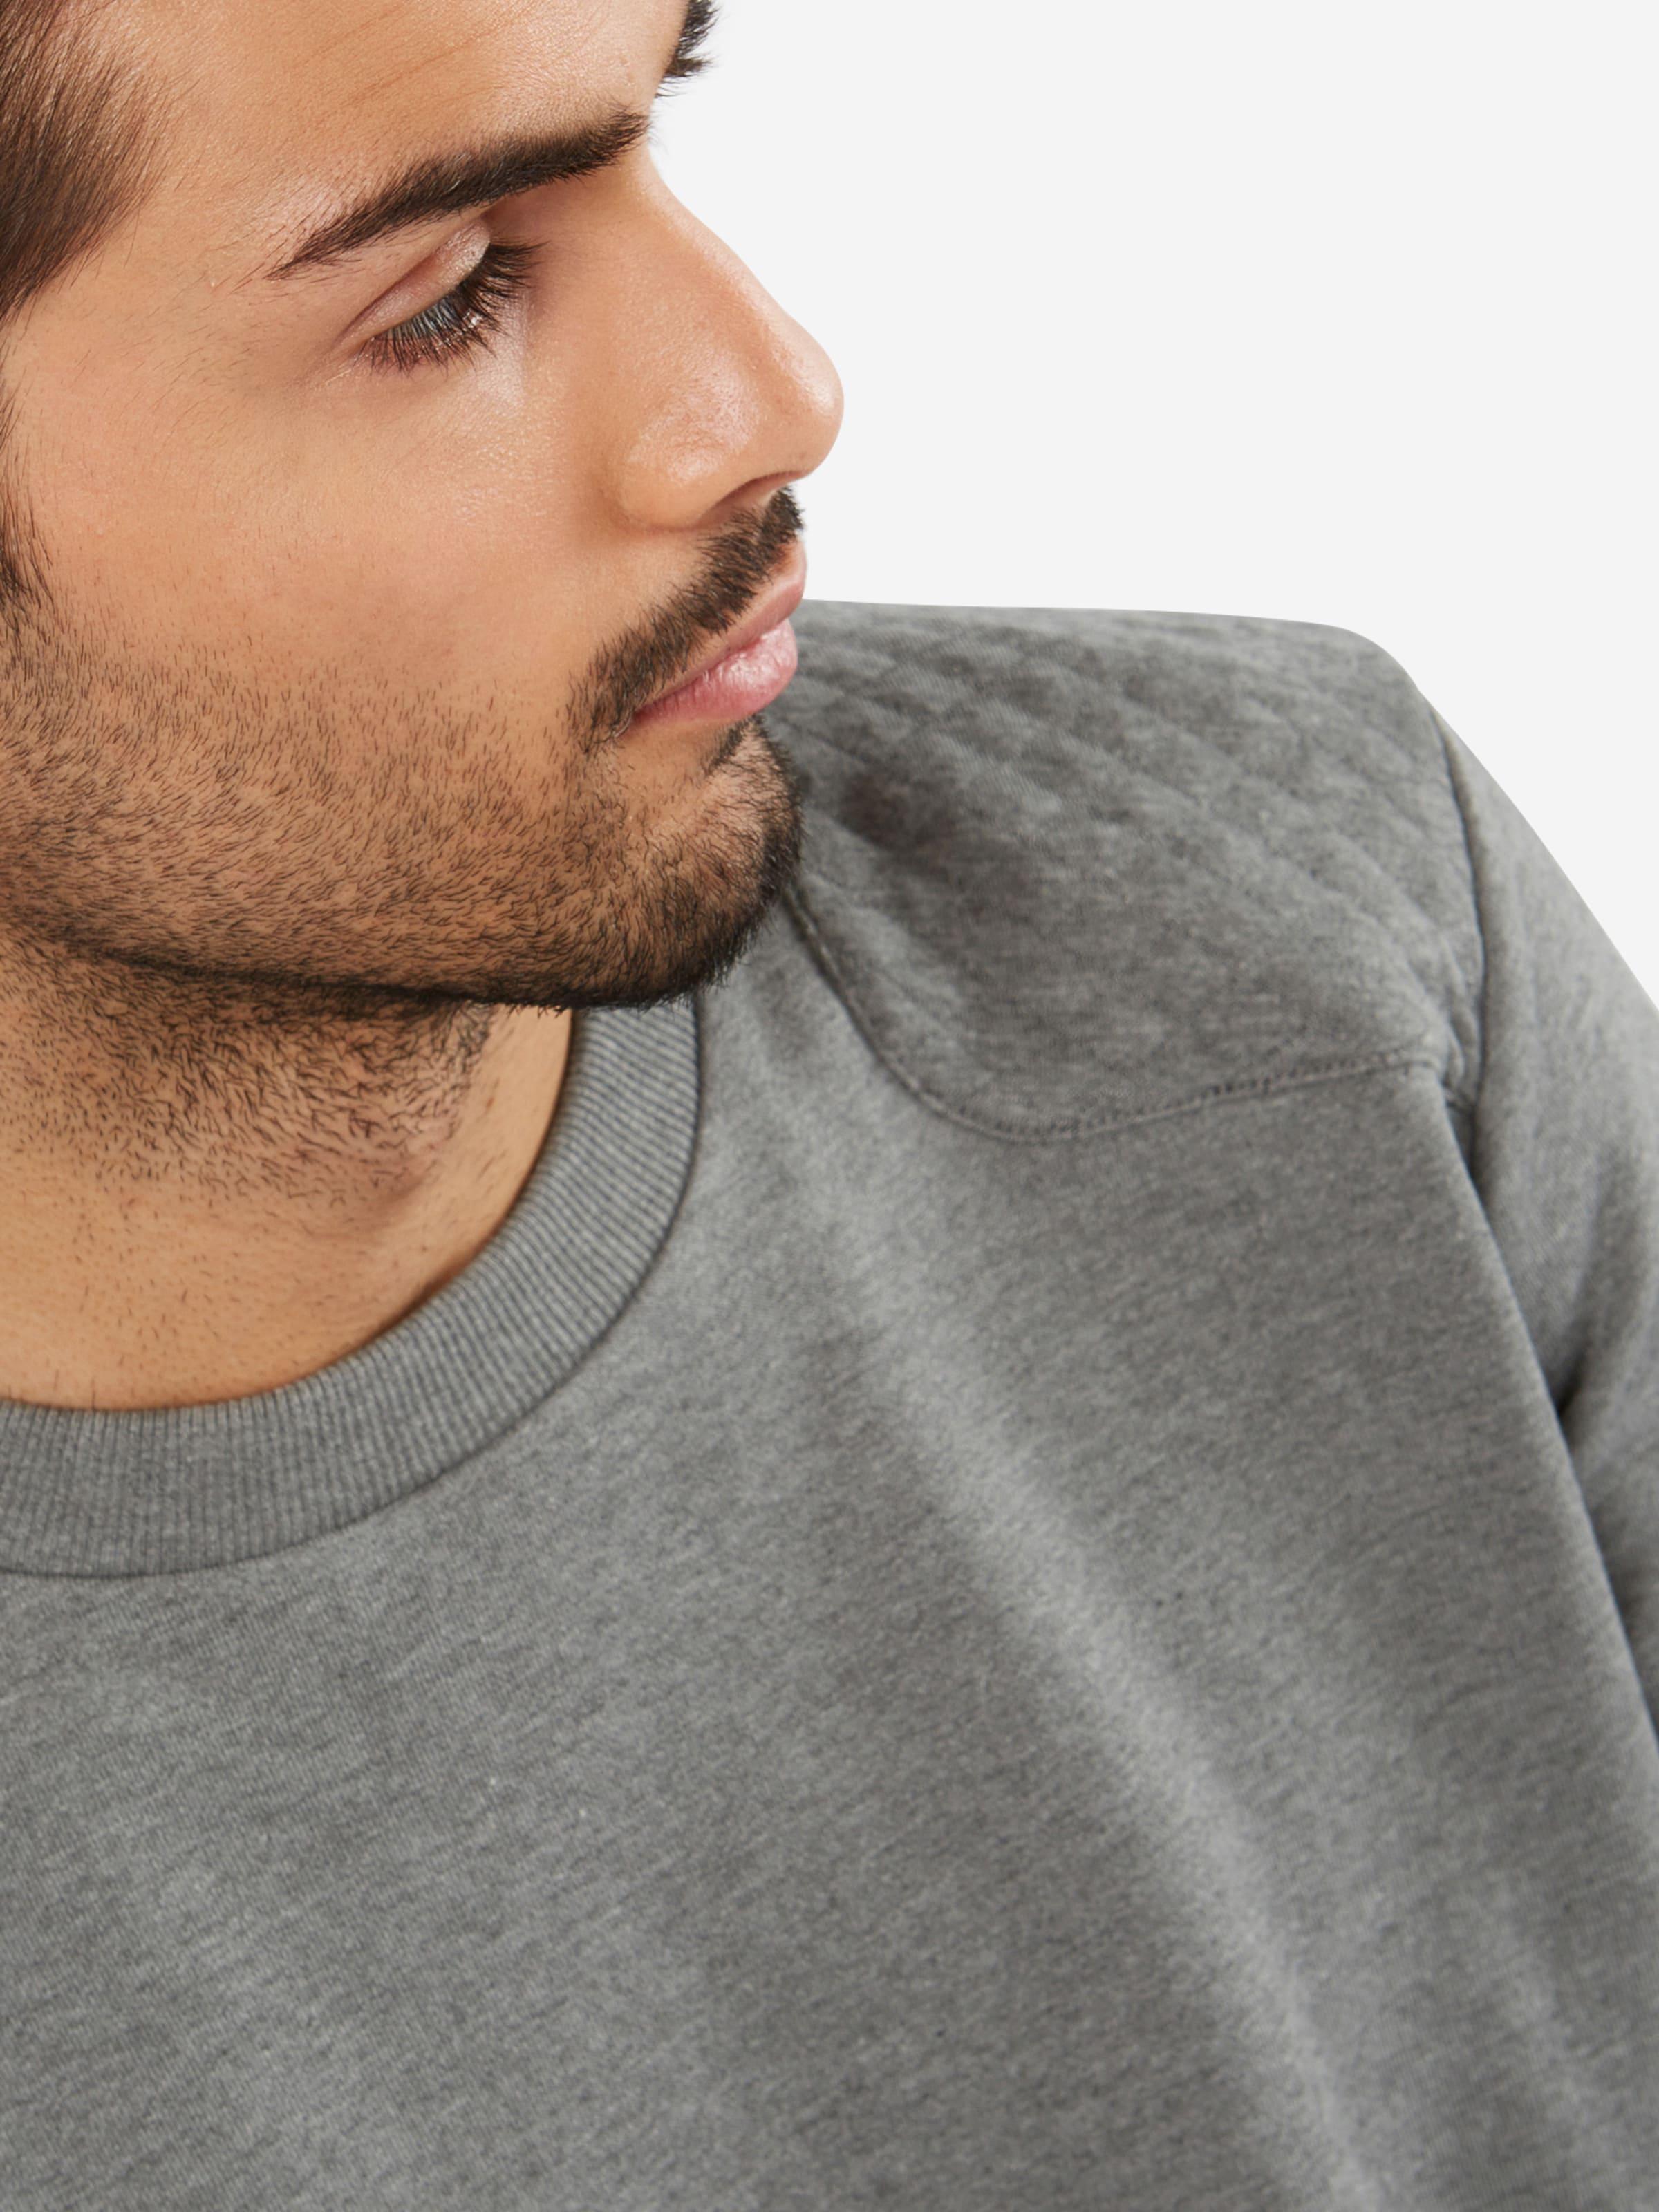 Auslass Günstigsten Preis HUGO Sweatshirt mit Rautenstepp 'Danderas' Steckdose Mit Kreditkarte YLmfid